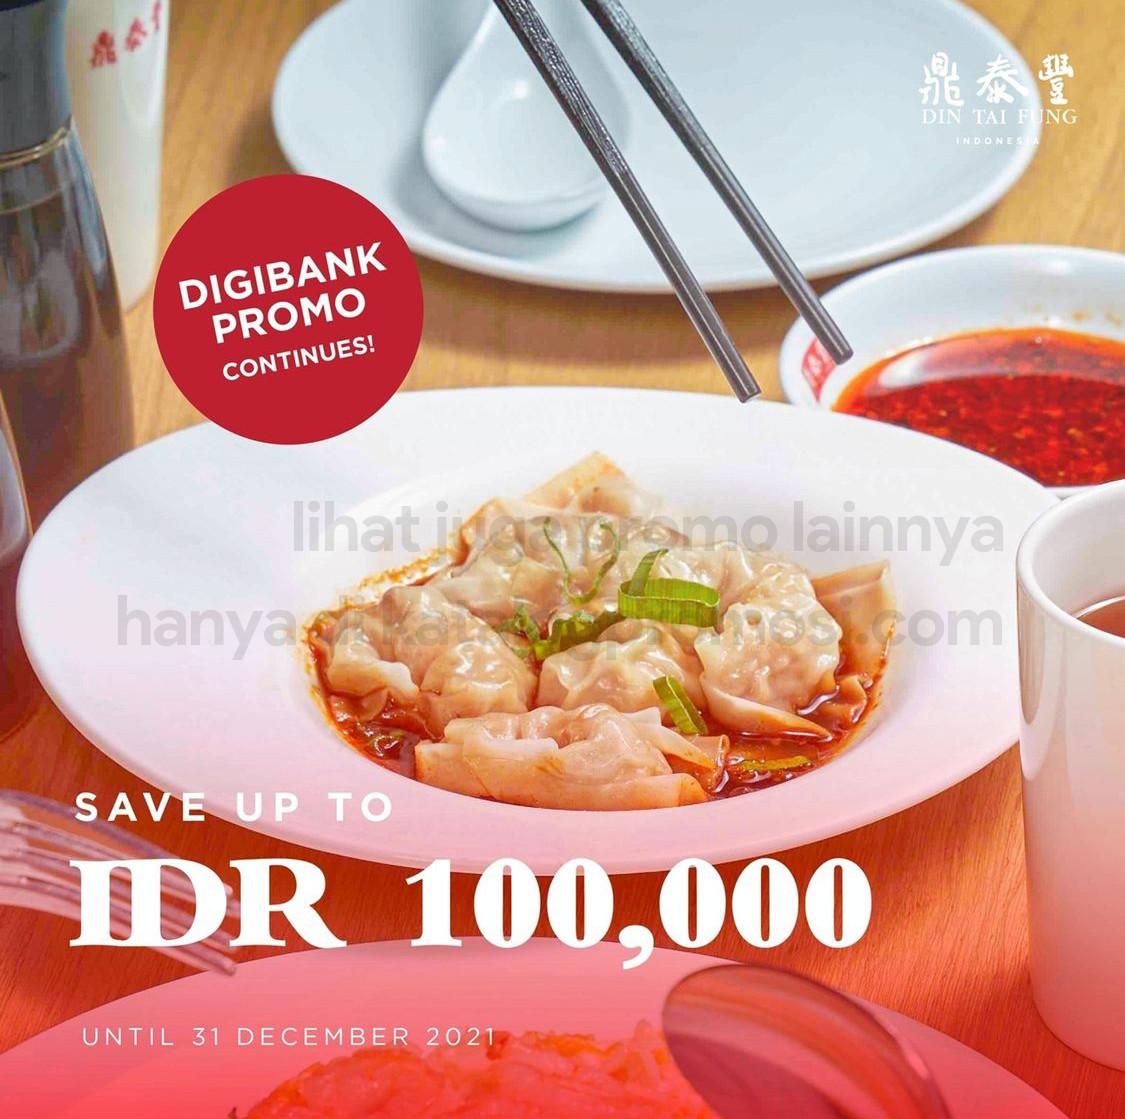 DIN TAI FUNG Promo Save Up To Rp 100.000 khusus transaksi dengan KARTU KREDIT DIGIBANK by DBS* berlaku sd. 31 Desember 2021